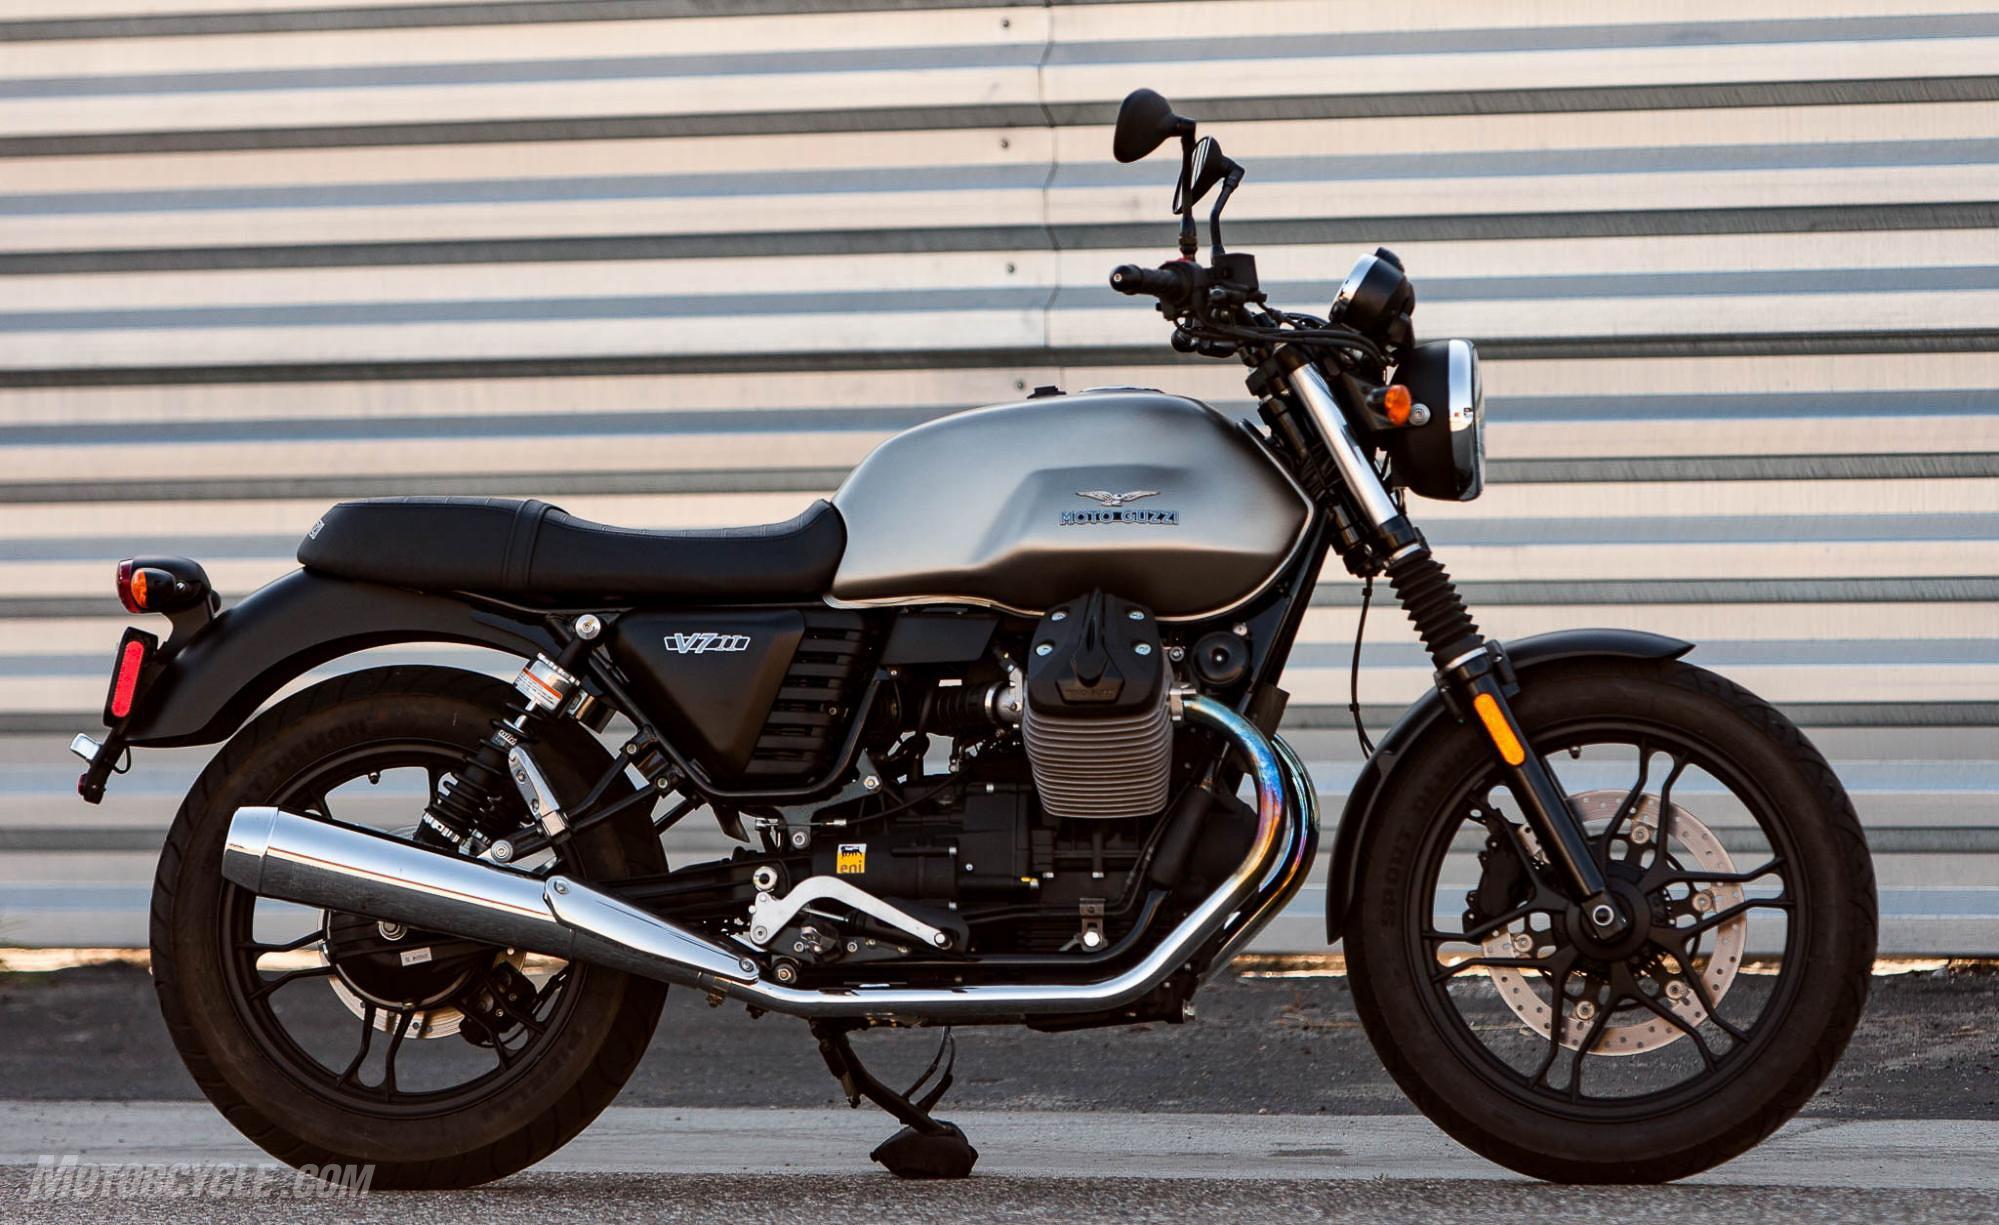 Moto Guzzi V7 Stone II – retro motorcycle